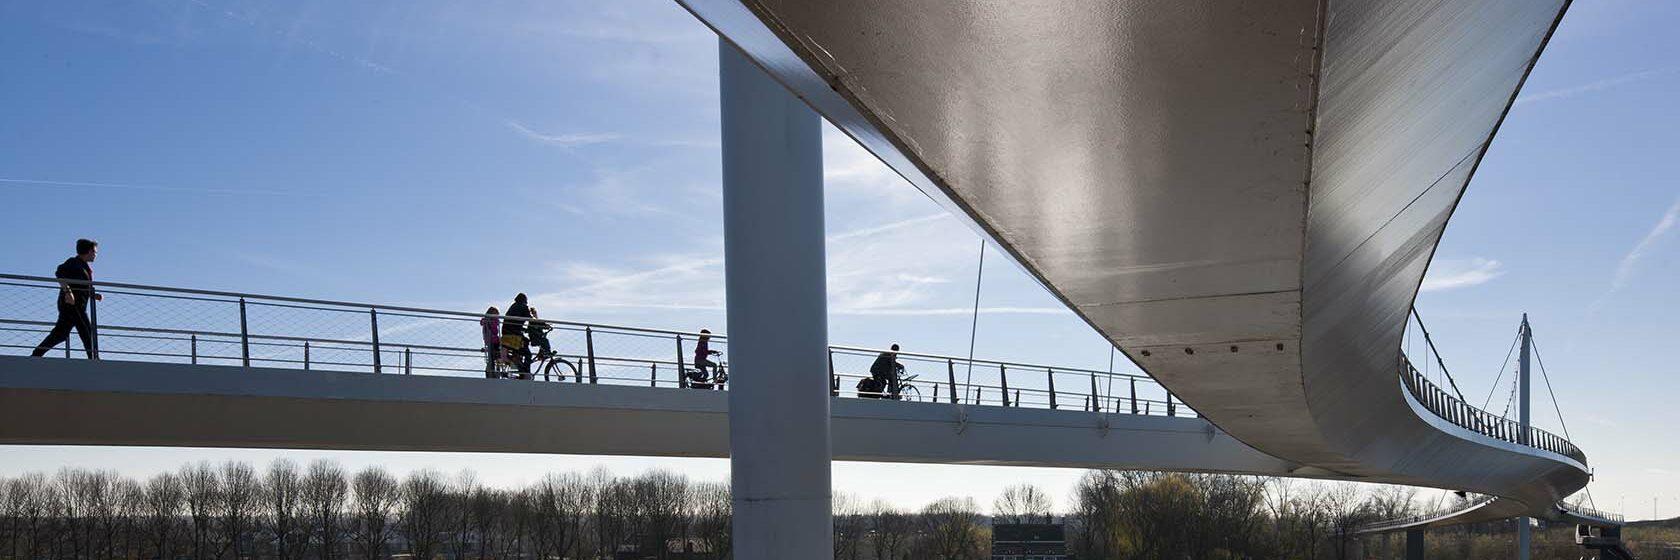 De Nescio brug overspant het Amsterdam-Rijnkanaal en verbindt Amsterdam en Diemen met IJburg